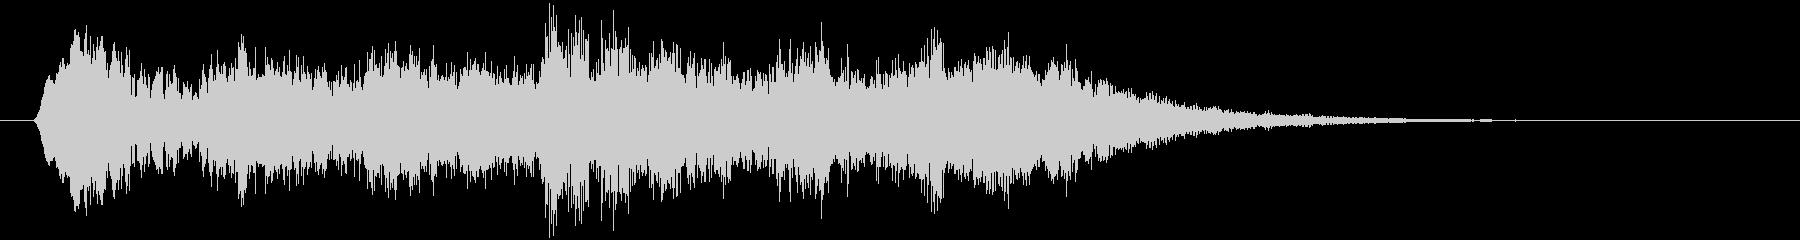 神秘な場所の音01の未再生の波形